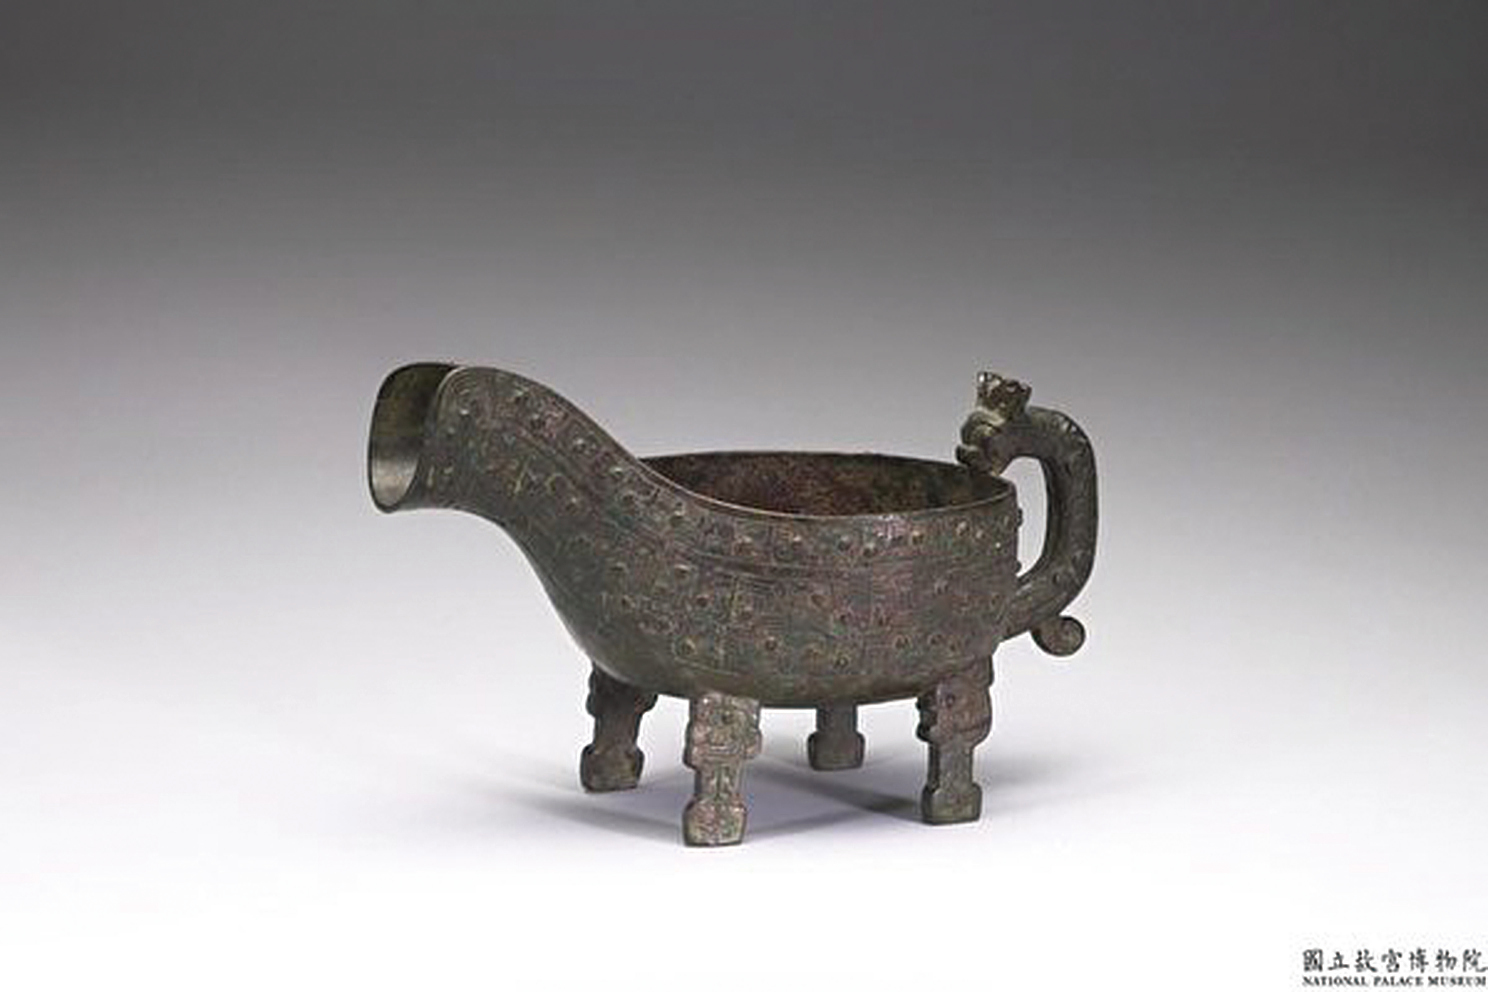 春秋-匽公匜。(國立故宮博物院)